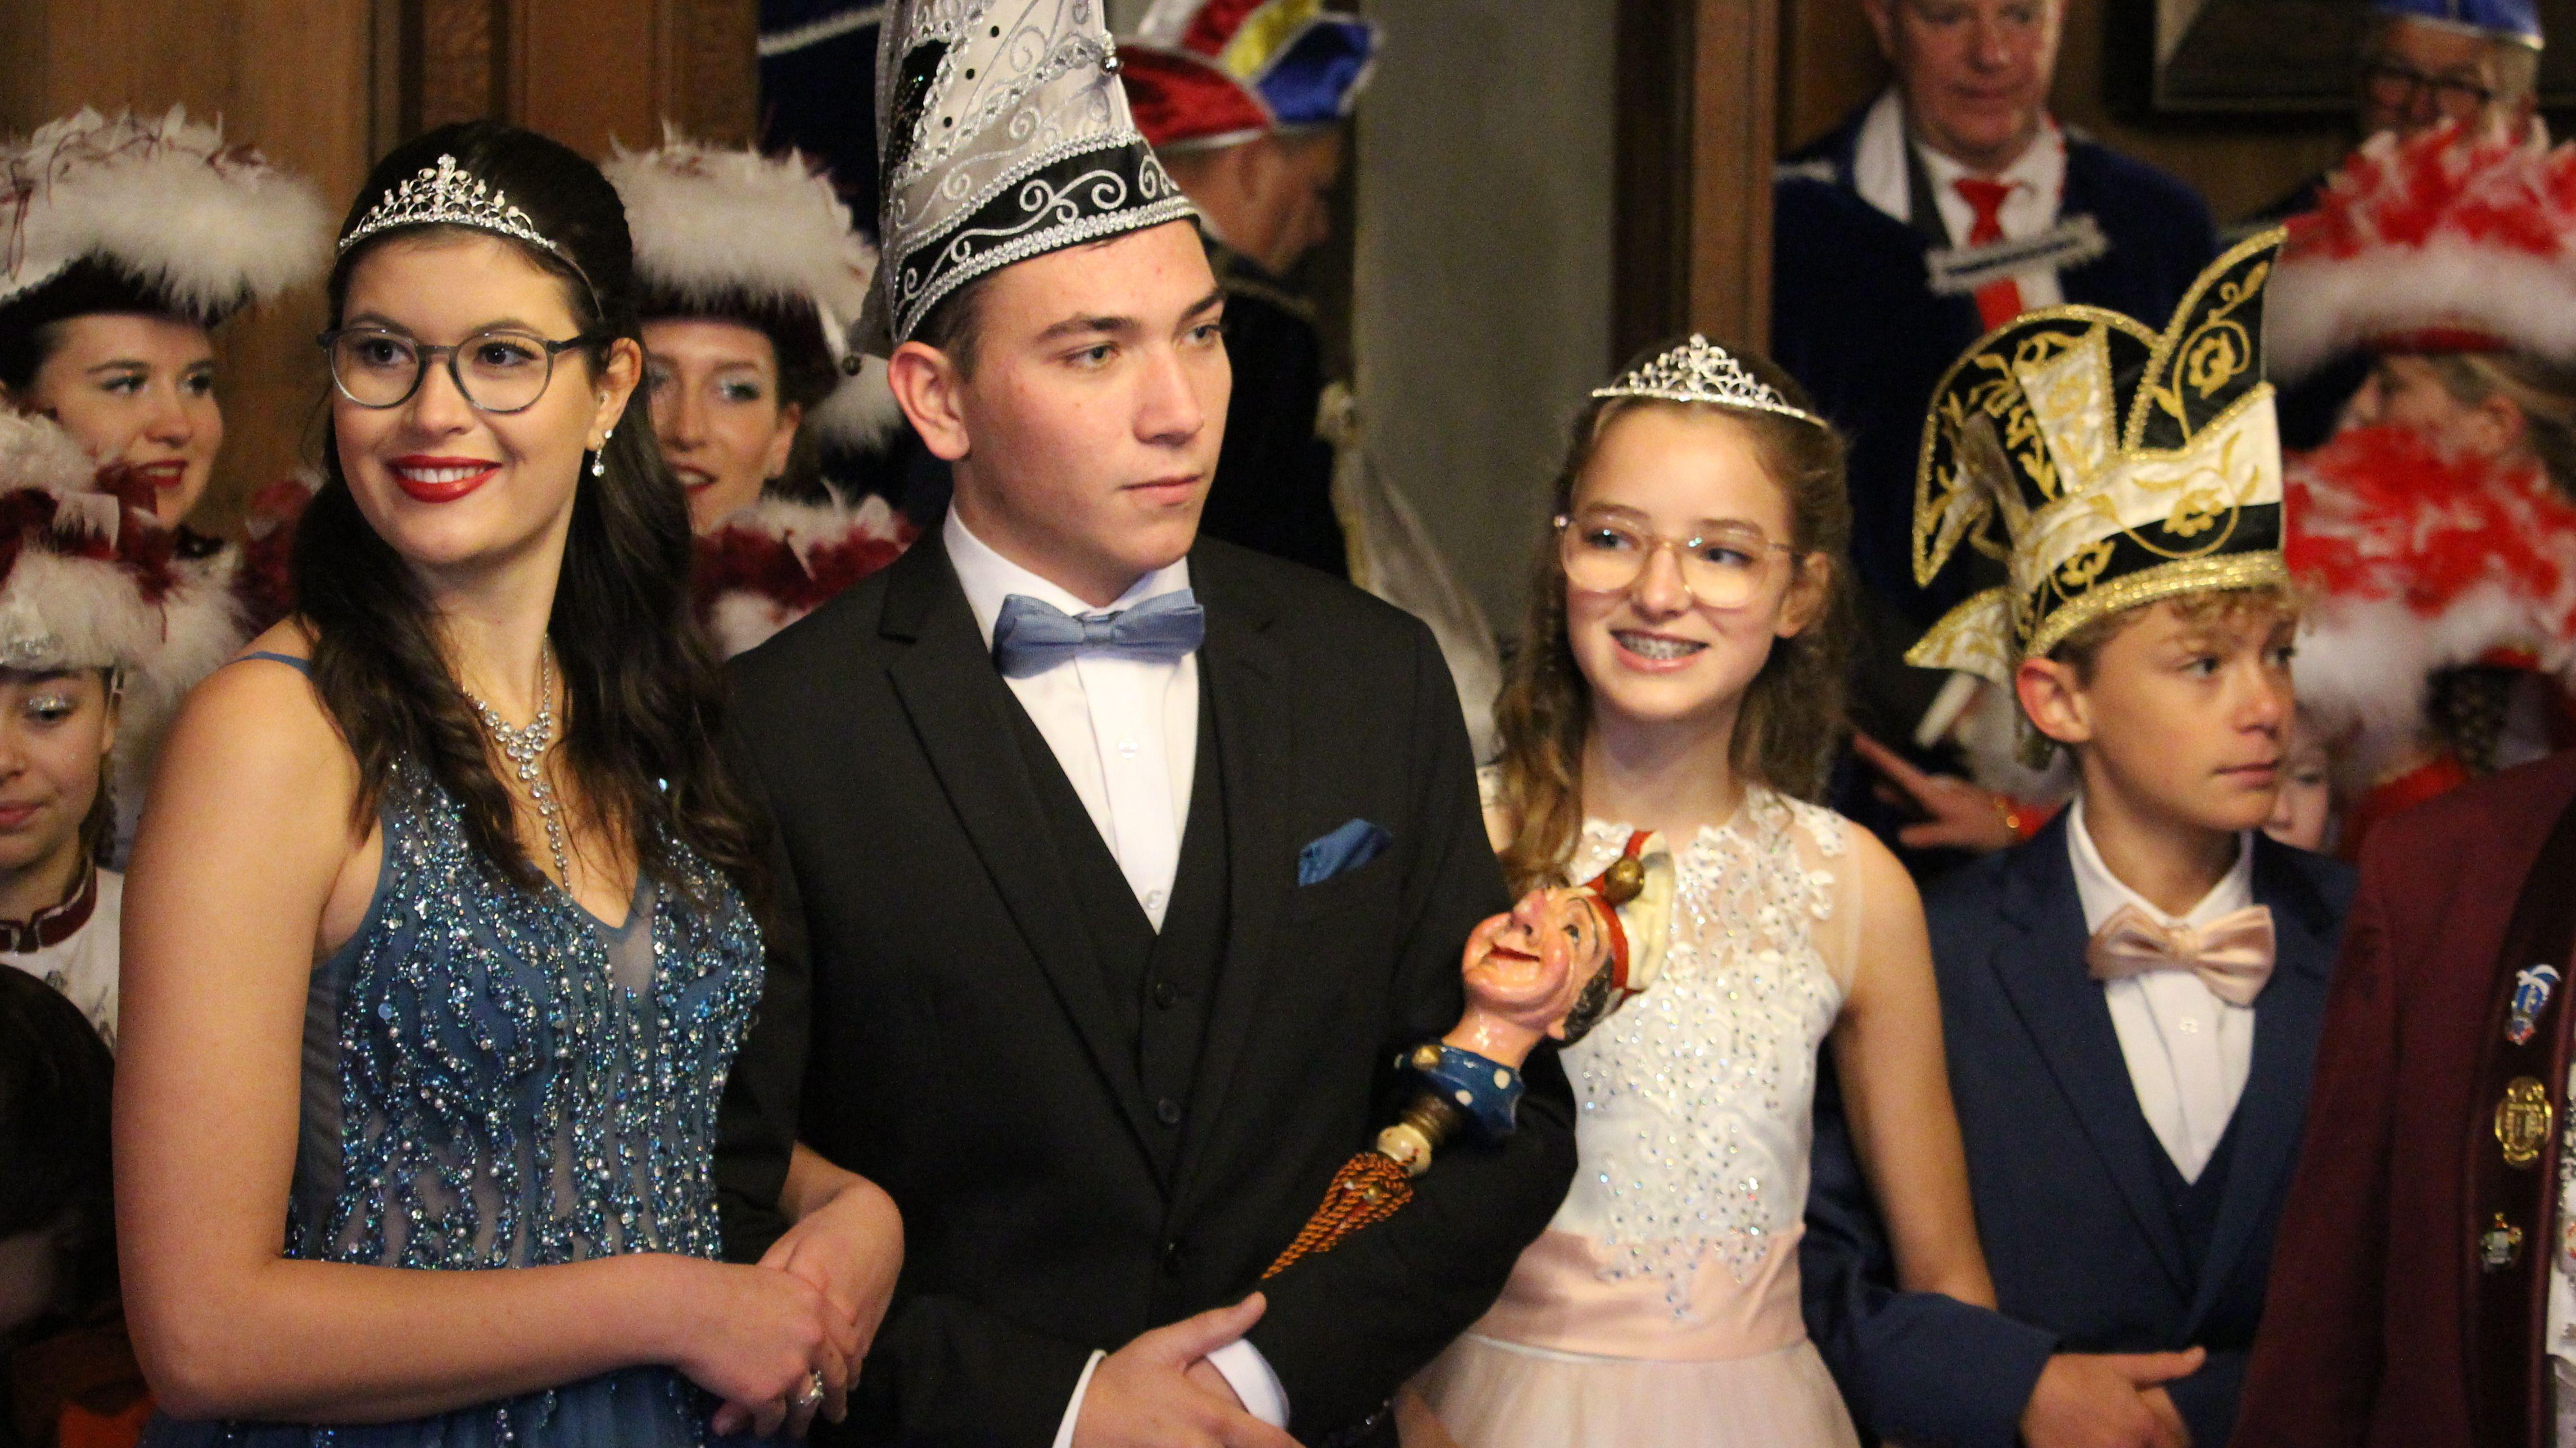 Die Prinzenpaare der Lusticania: Prinzessin Stefanie II. und Prinz Hans II., rechts daneben Kinder-Prinzessin Sonja und ihr Prinz Ben